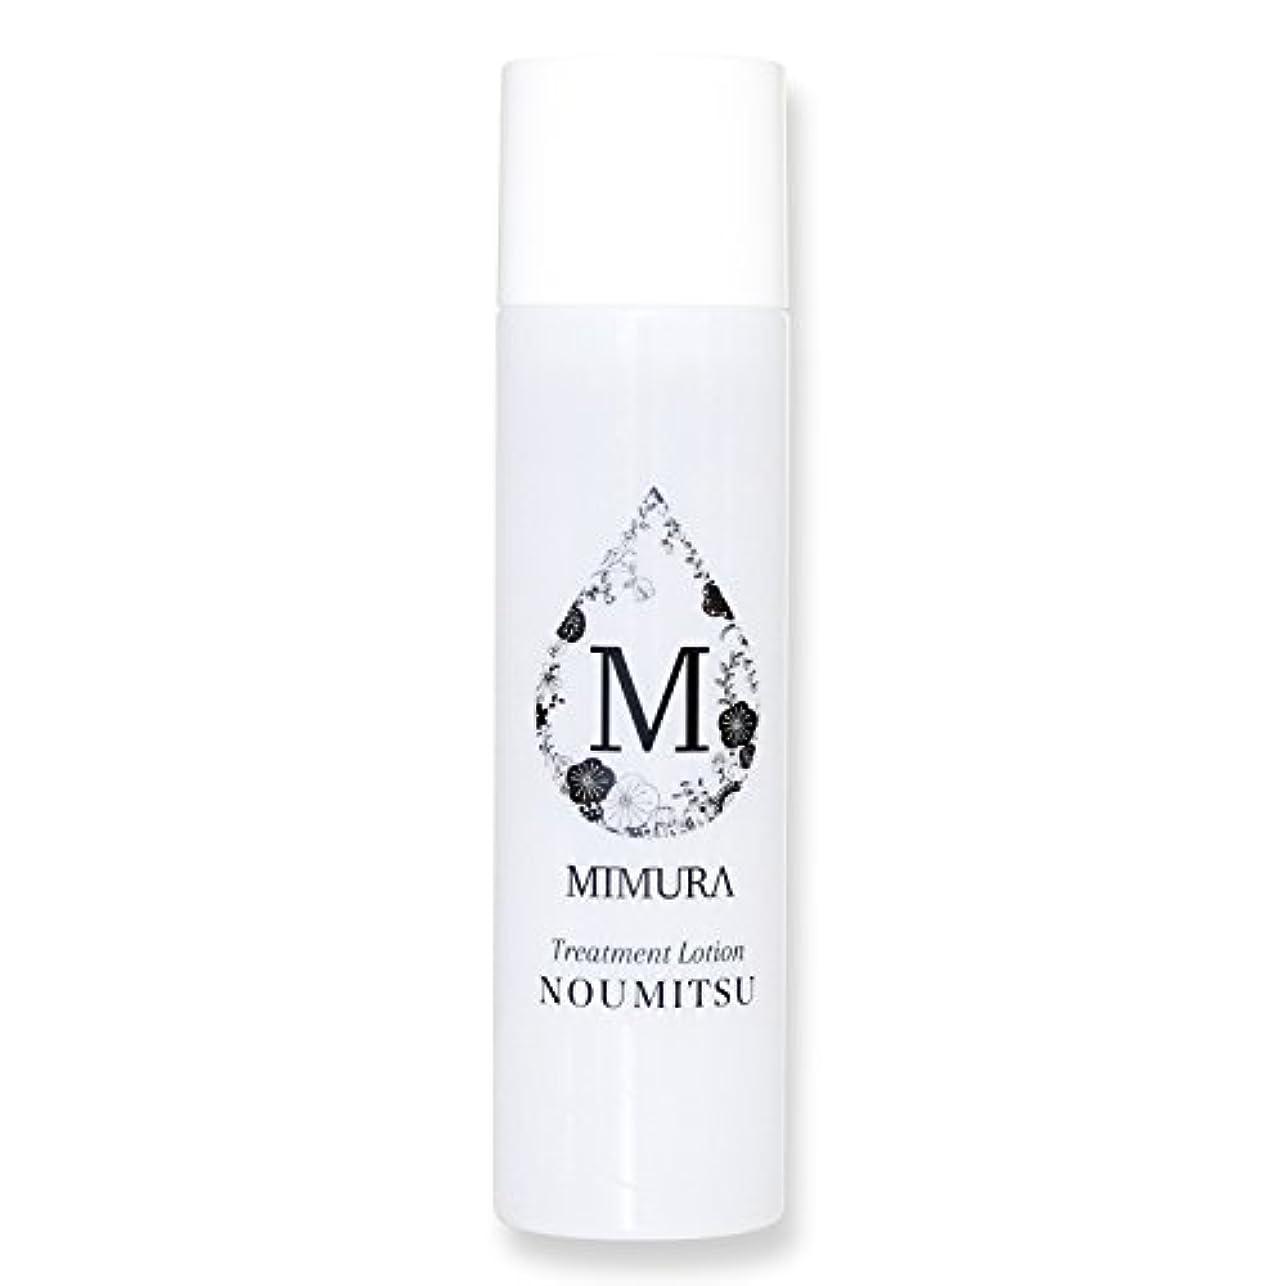 スラダム君主制資本主義ミムラ トリートメントローション NOUMITSU (化粧水) 125mL アスタキサンチン ヒアルロン酸 コラーゲン ローション 日本製 mimura